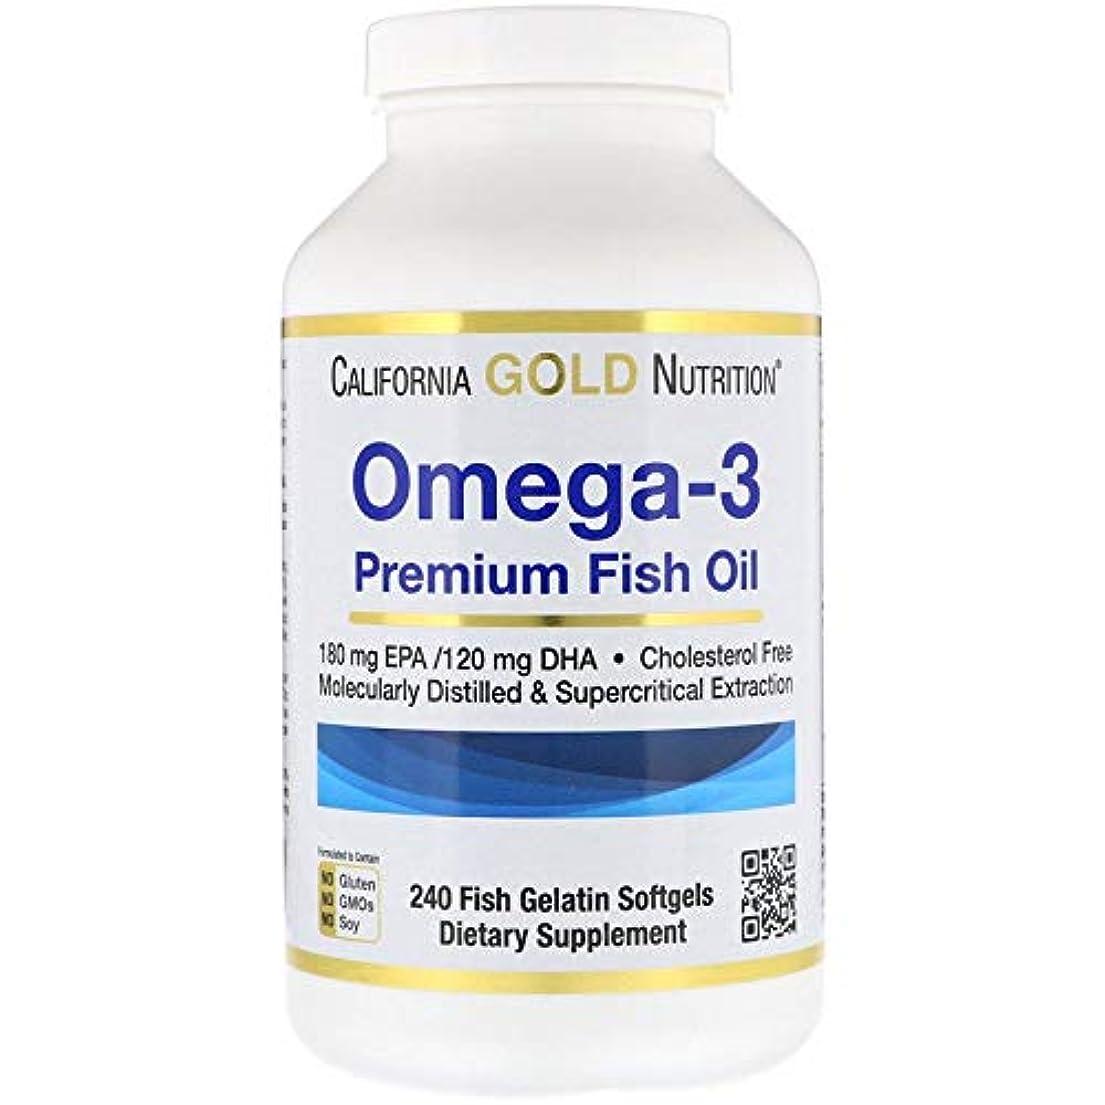 クランシースペード強盗California Gold Nutrition, オメガ-3、プレミアムフィッシュオイル、魚ゼラチンソフトジェル240錠 [並行輸入品] -2 Packs